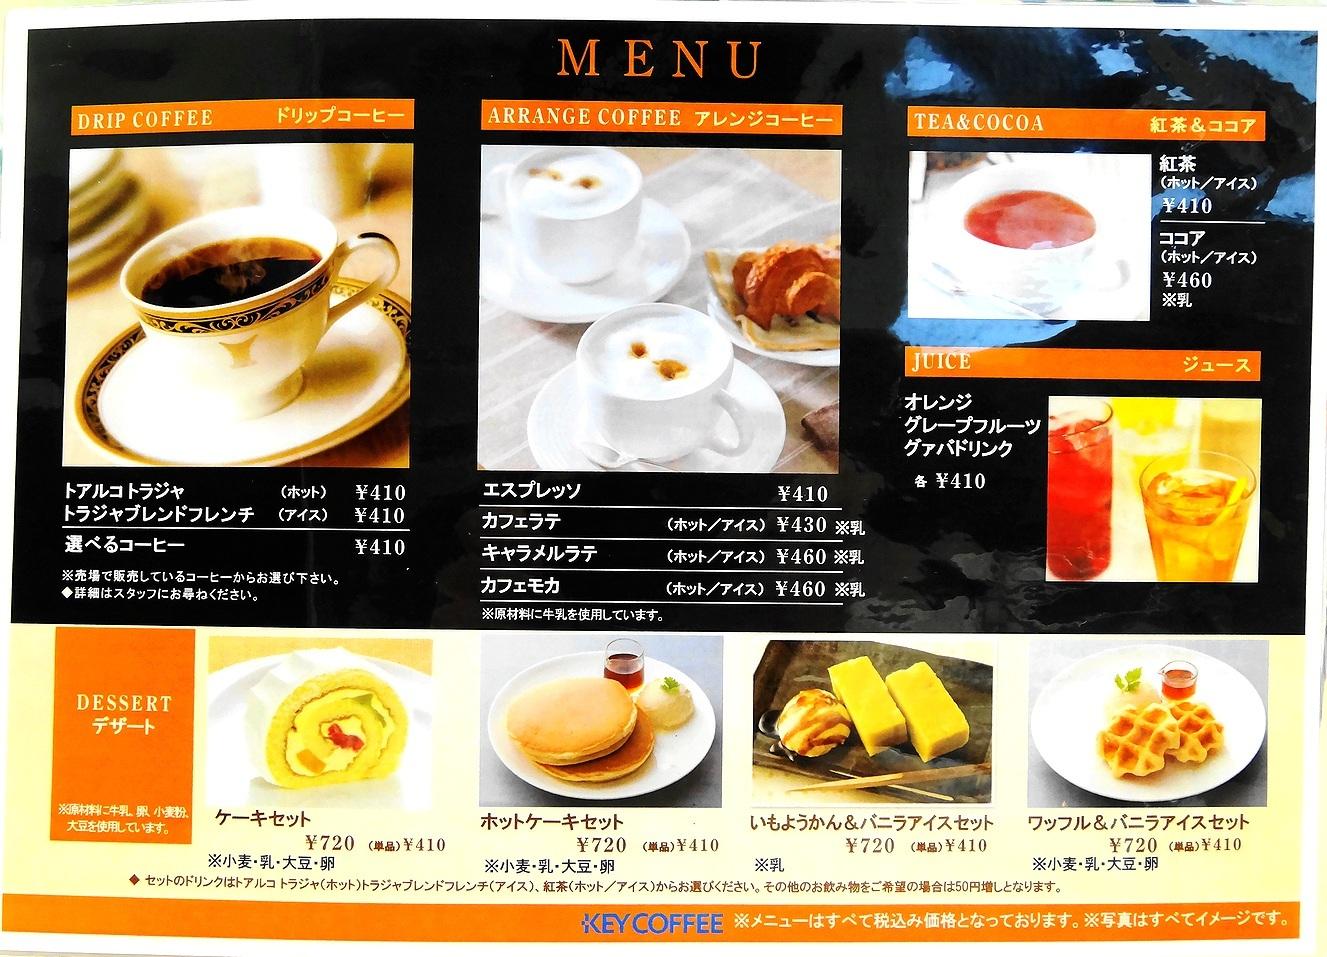 キーコーヒースタンド name=